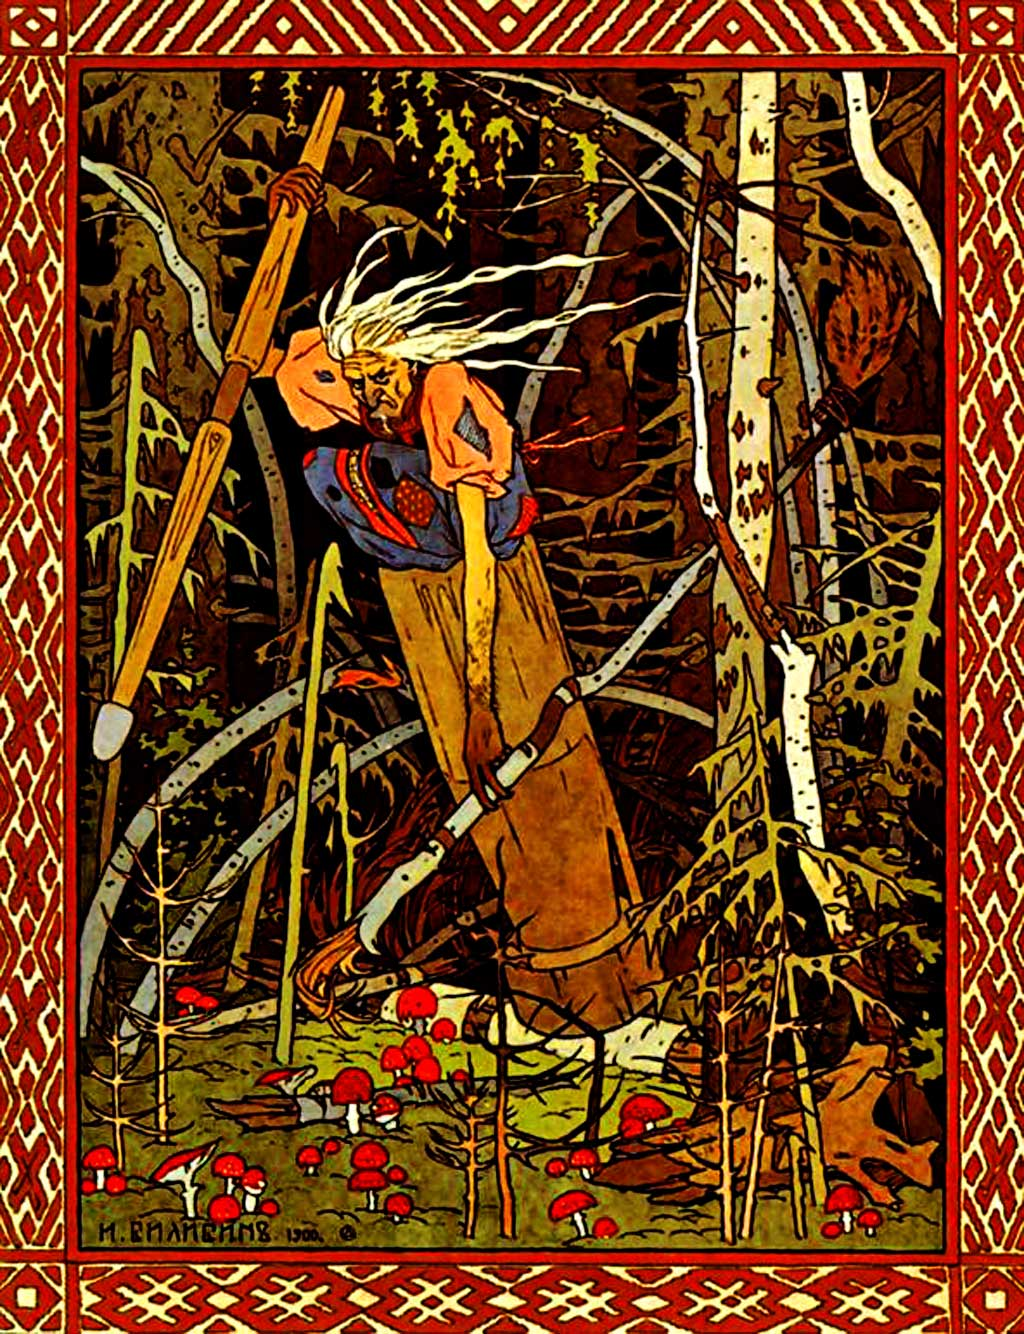 ivan bilibin, babayaga, jaga baba, thelooksee, fairy tales, russian